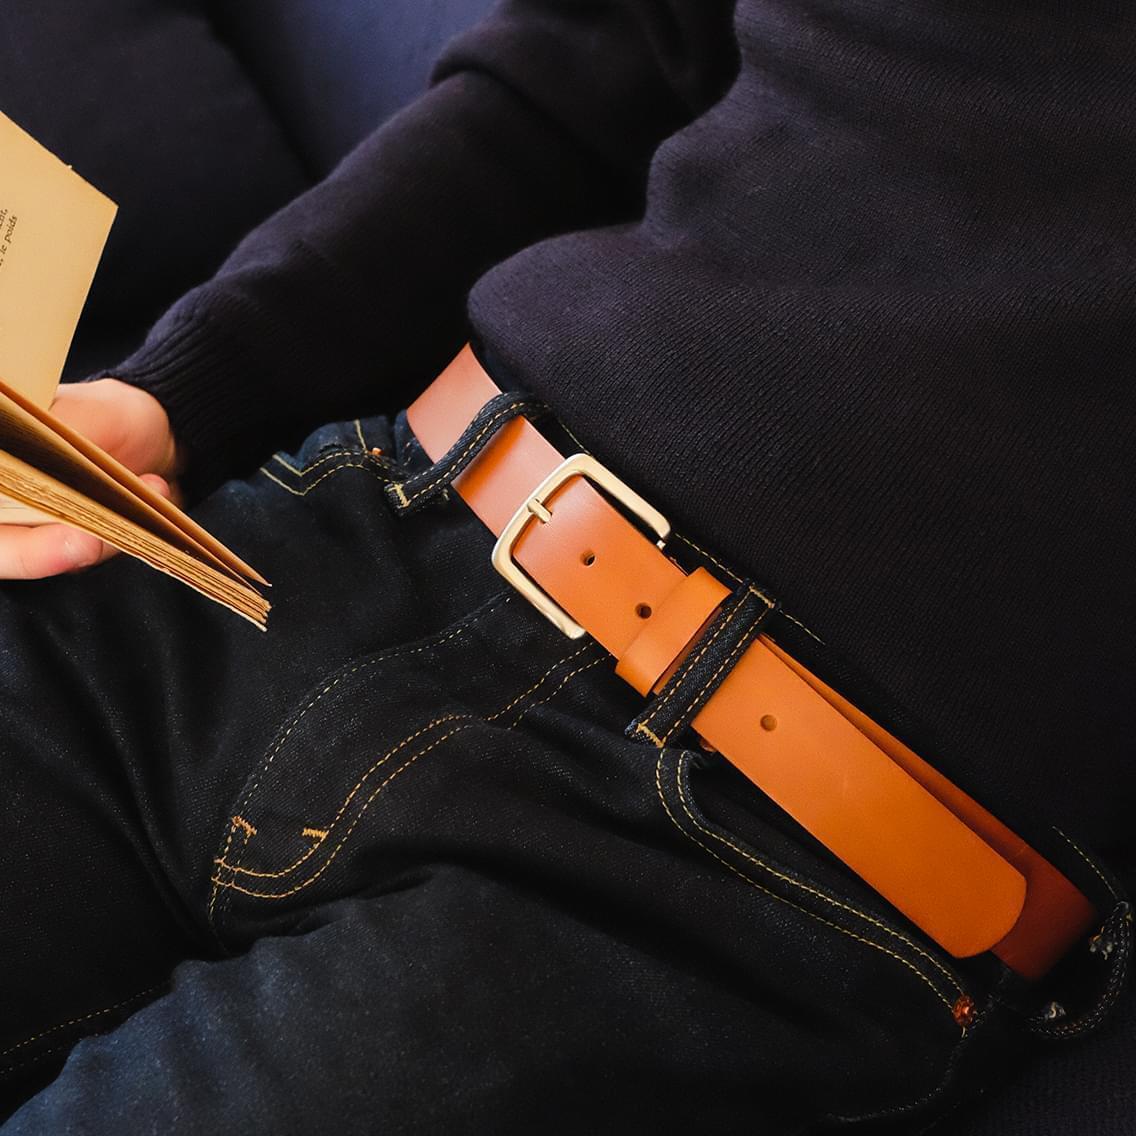 ba6c66dfb5c ... d une ceinture de luxe. Leur boucle en zamak est solide et élégante.  Nous travaillons avec les mêmes coloris de cuir que pour nos chaussures.